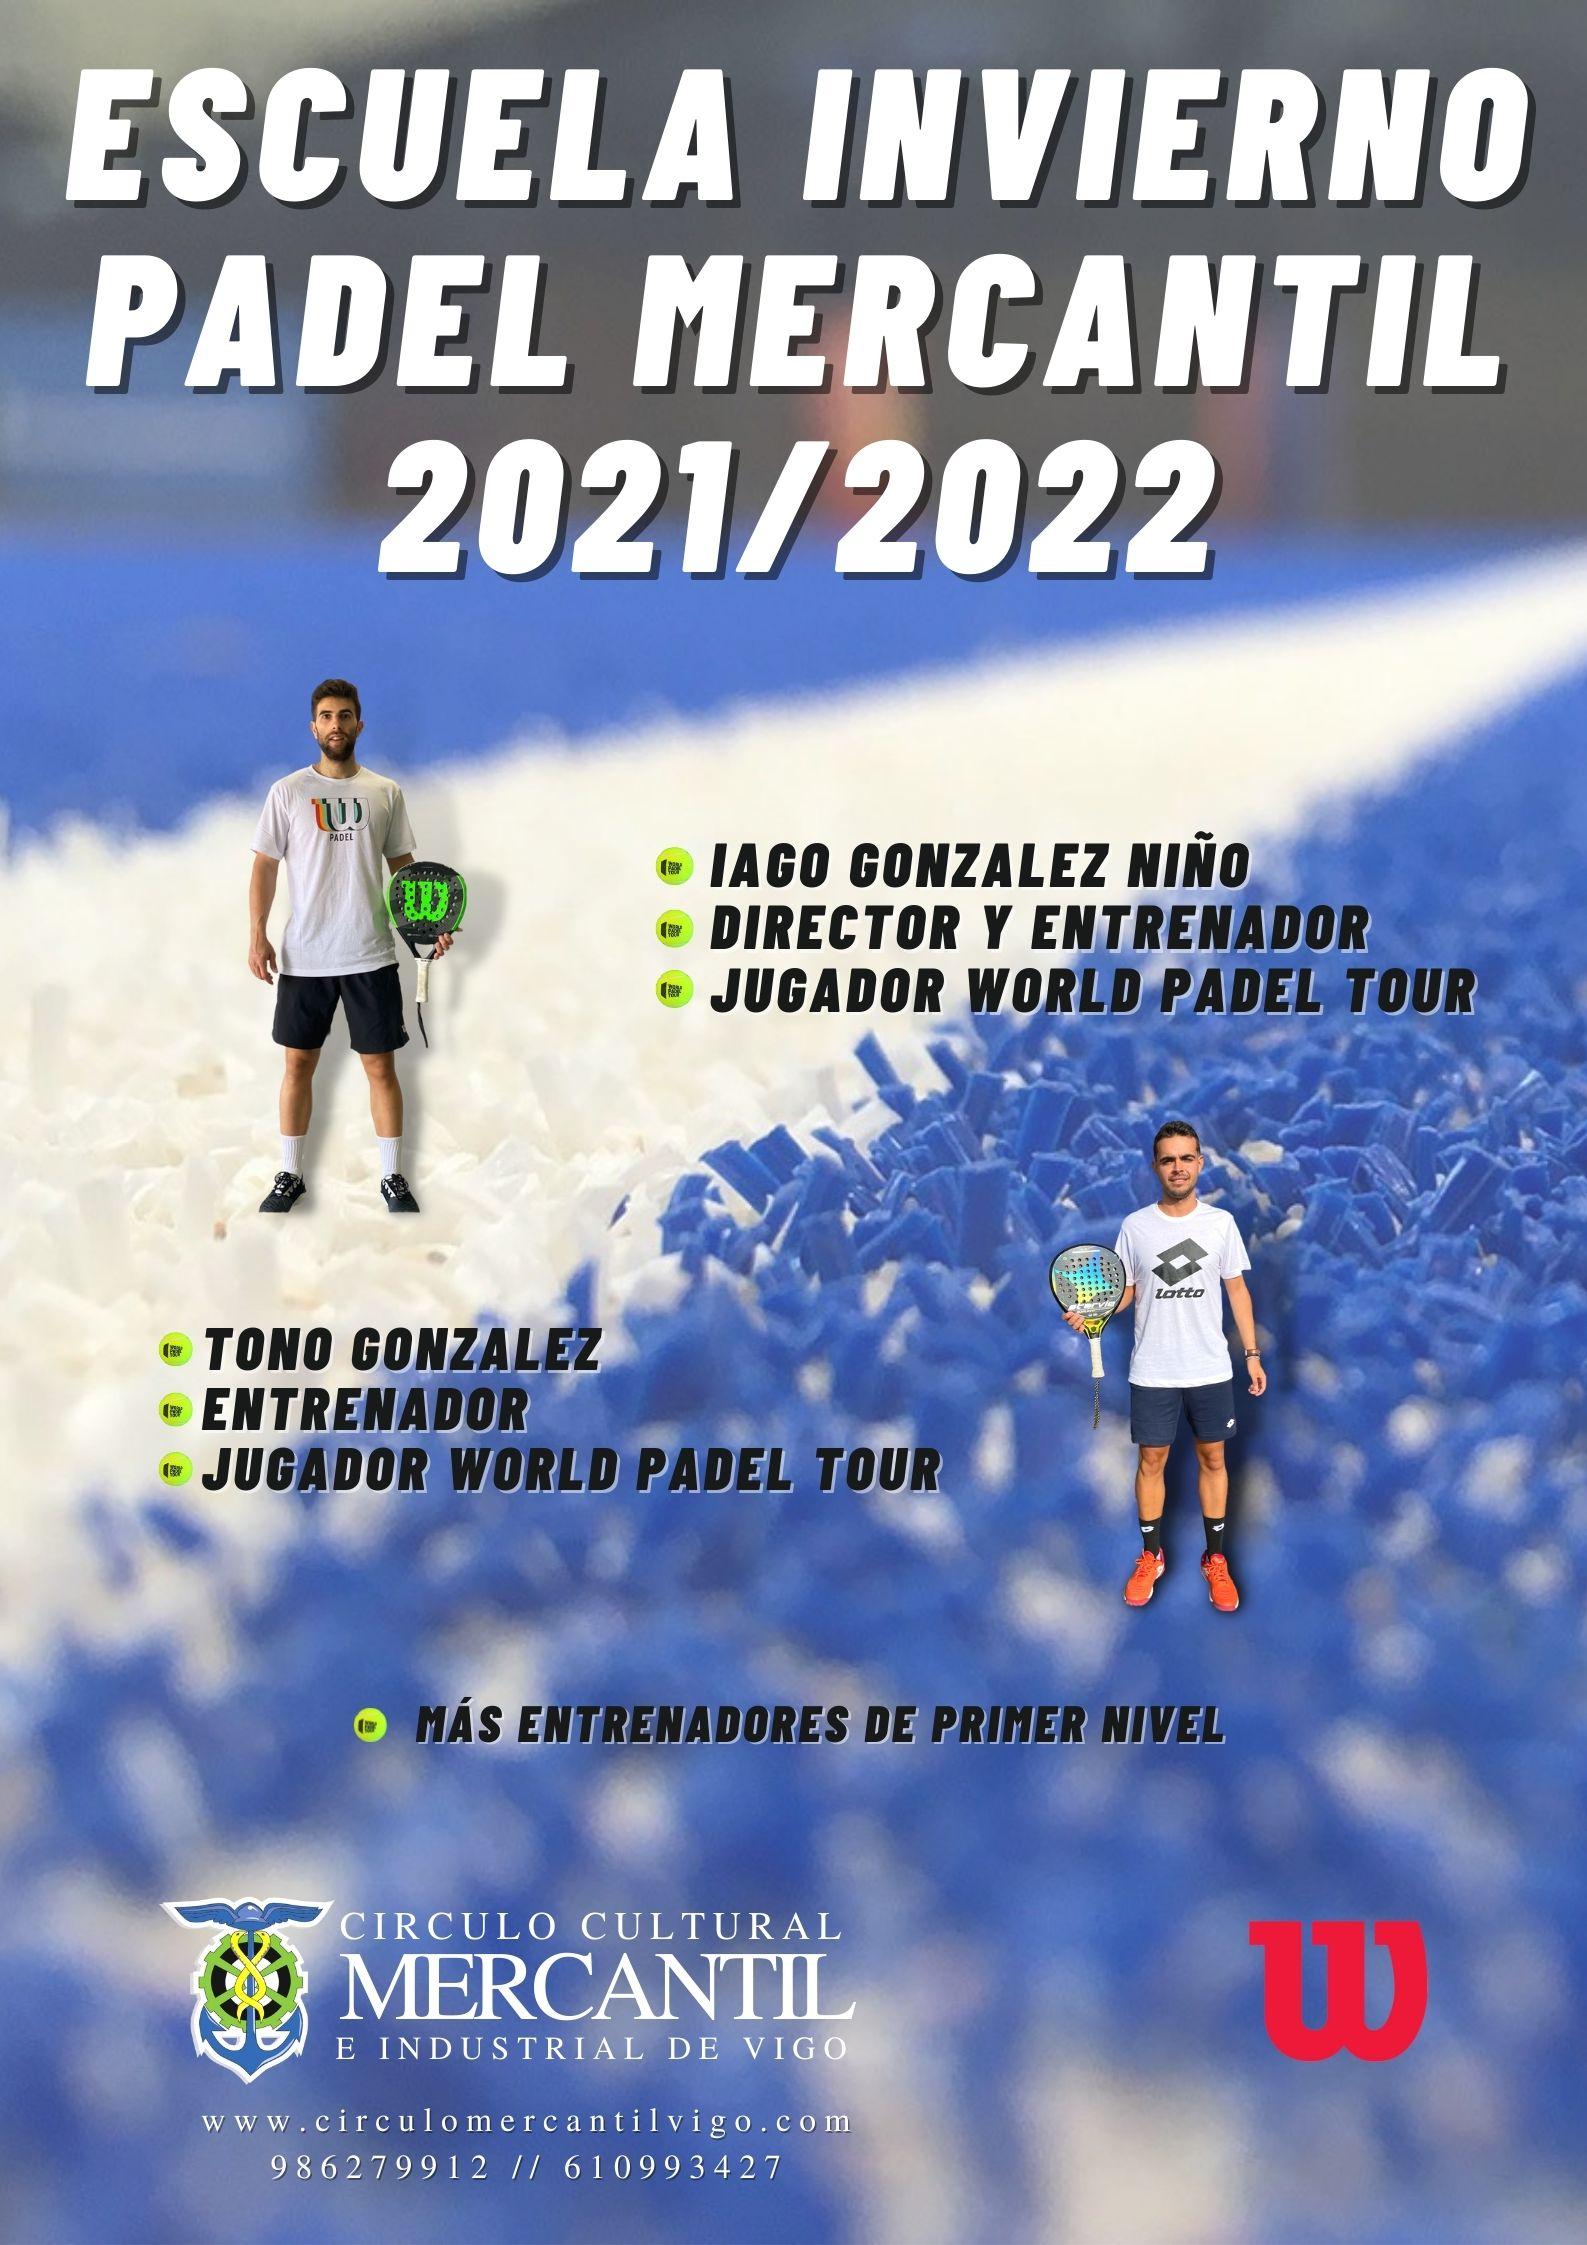 Escuela Invierno Padel 21-22